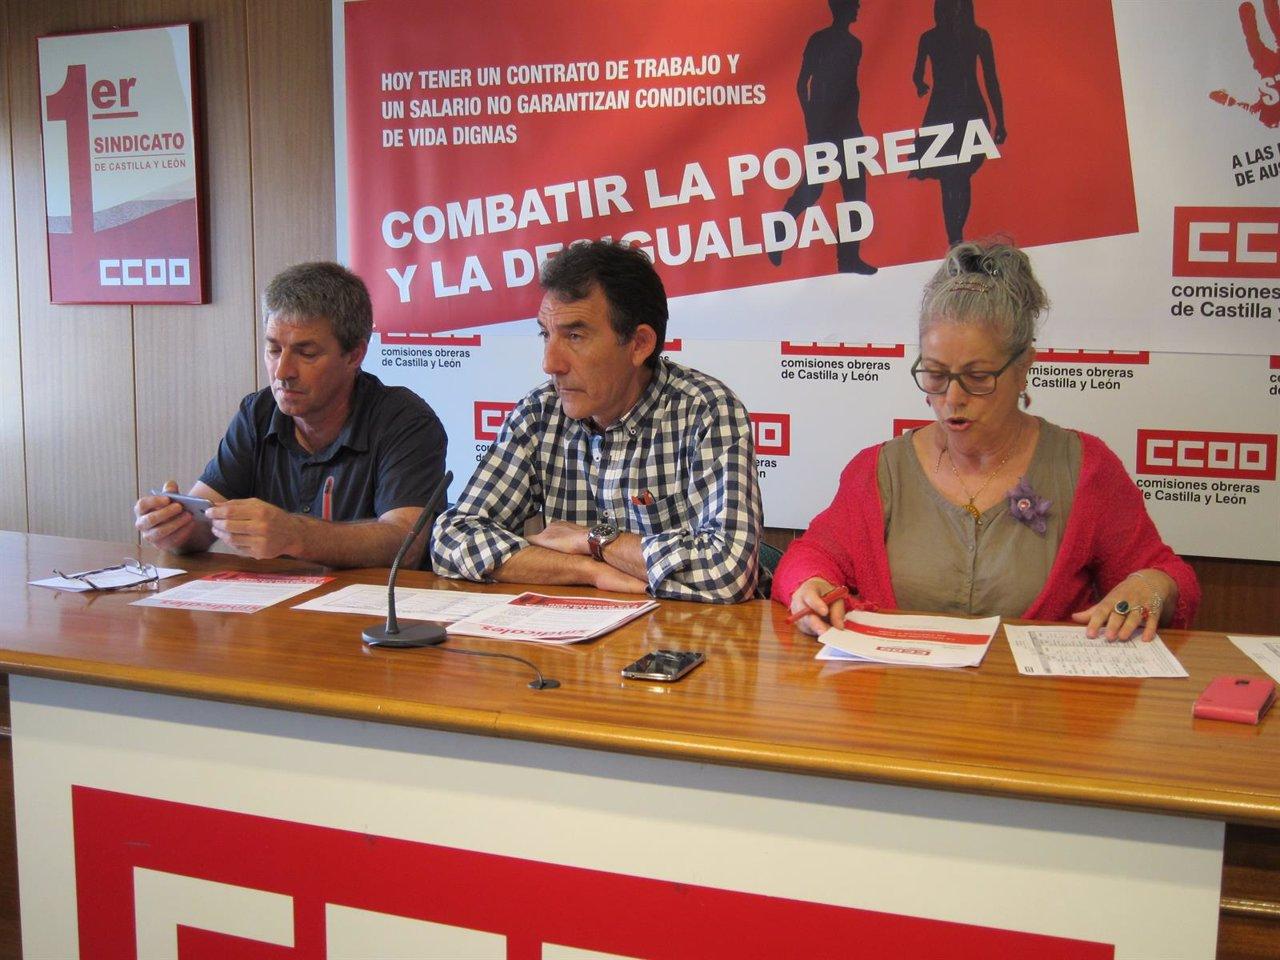 Ángel Hernández (centro) presenta la campaña contra la pobreza